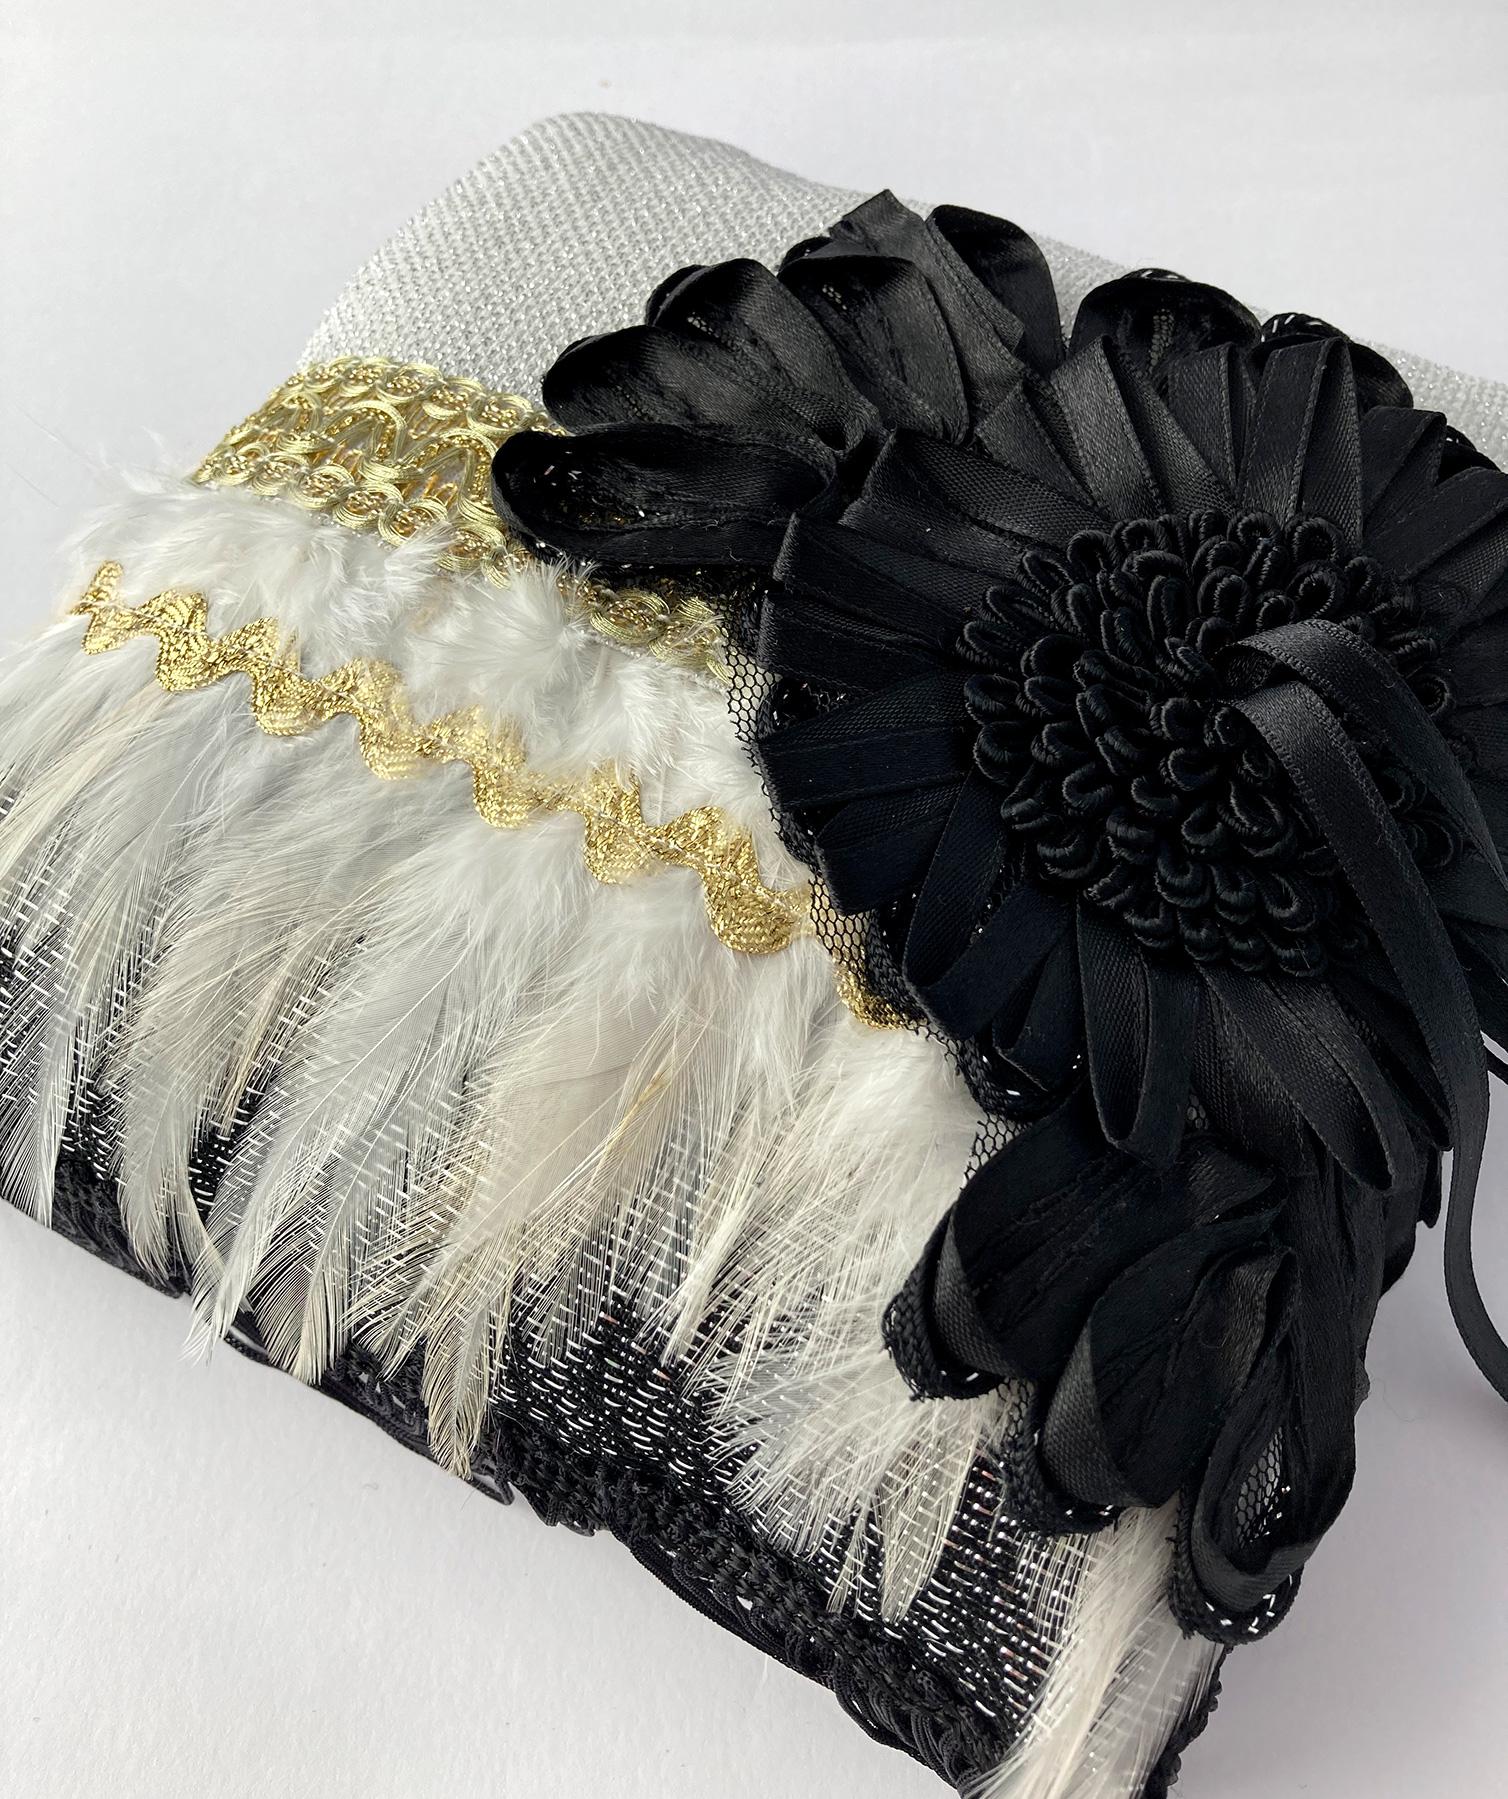 extravagant ringkussen in zwart, wit, goud en zilver